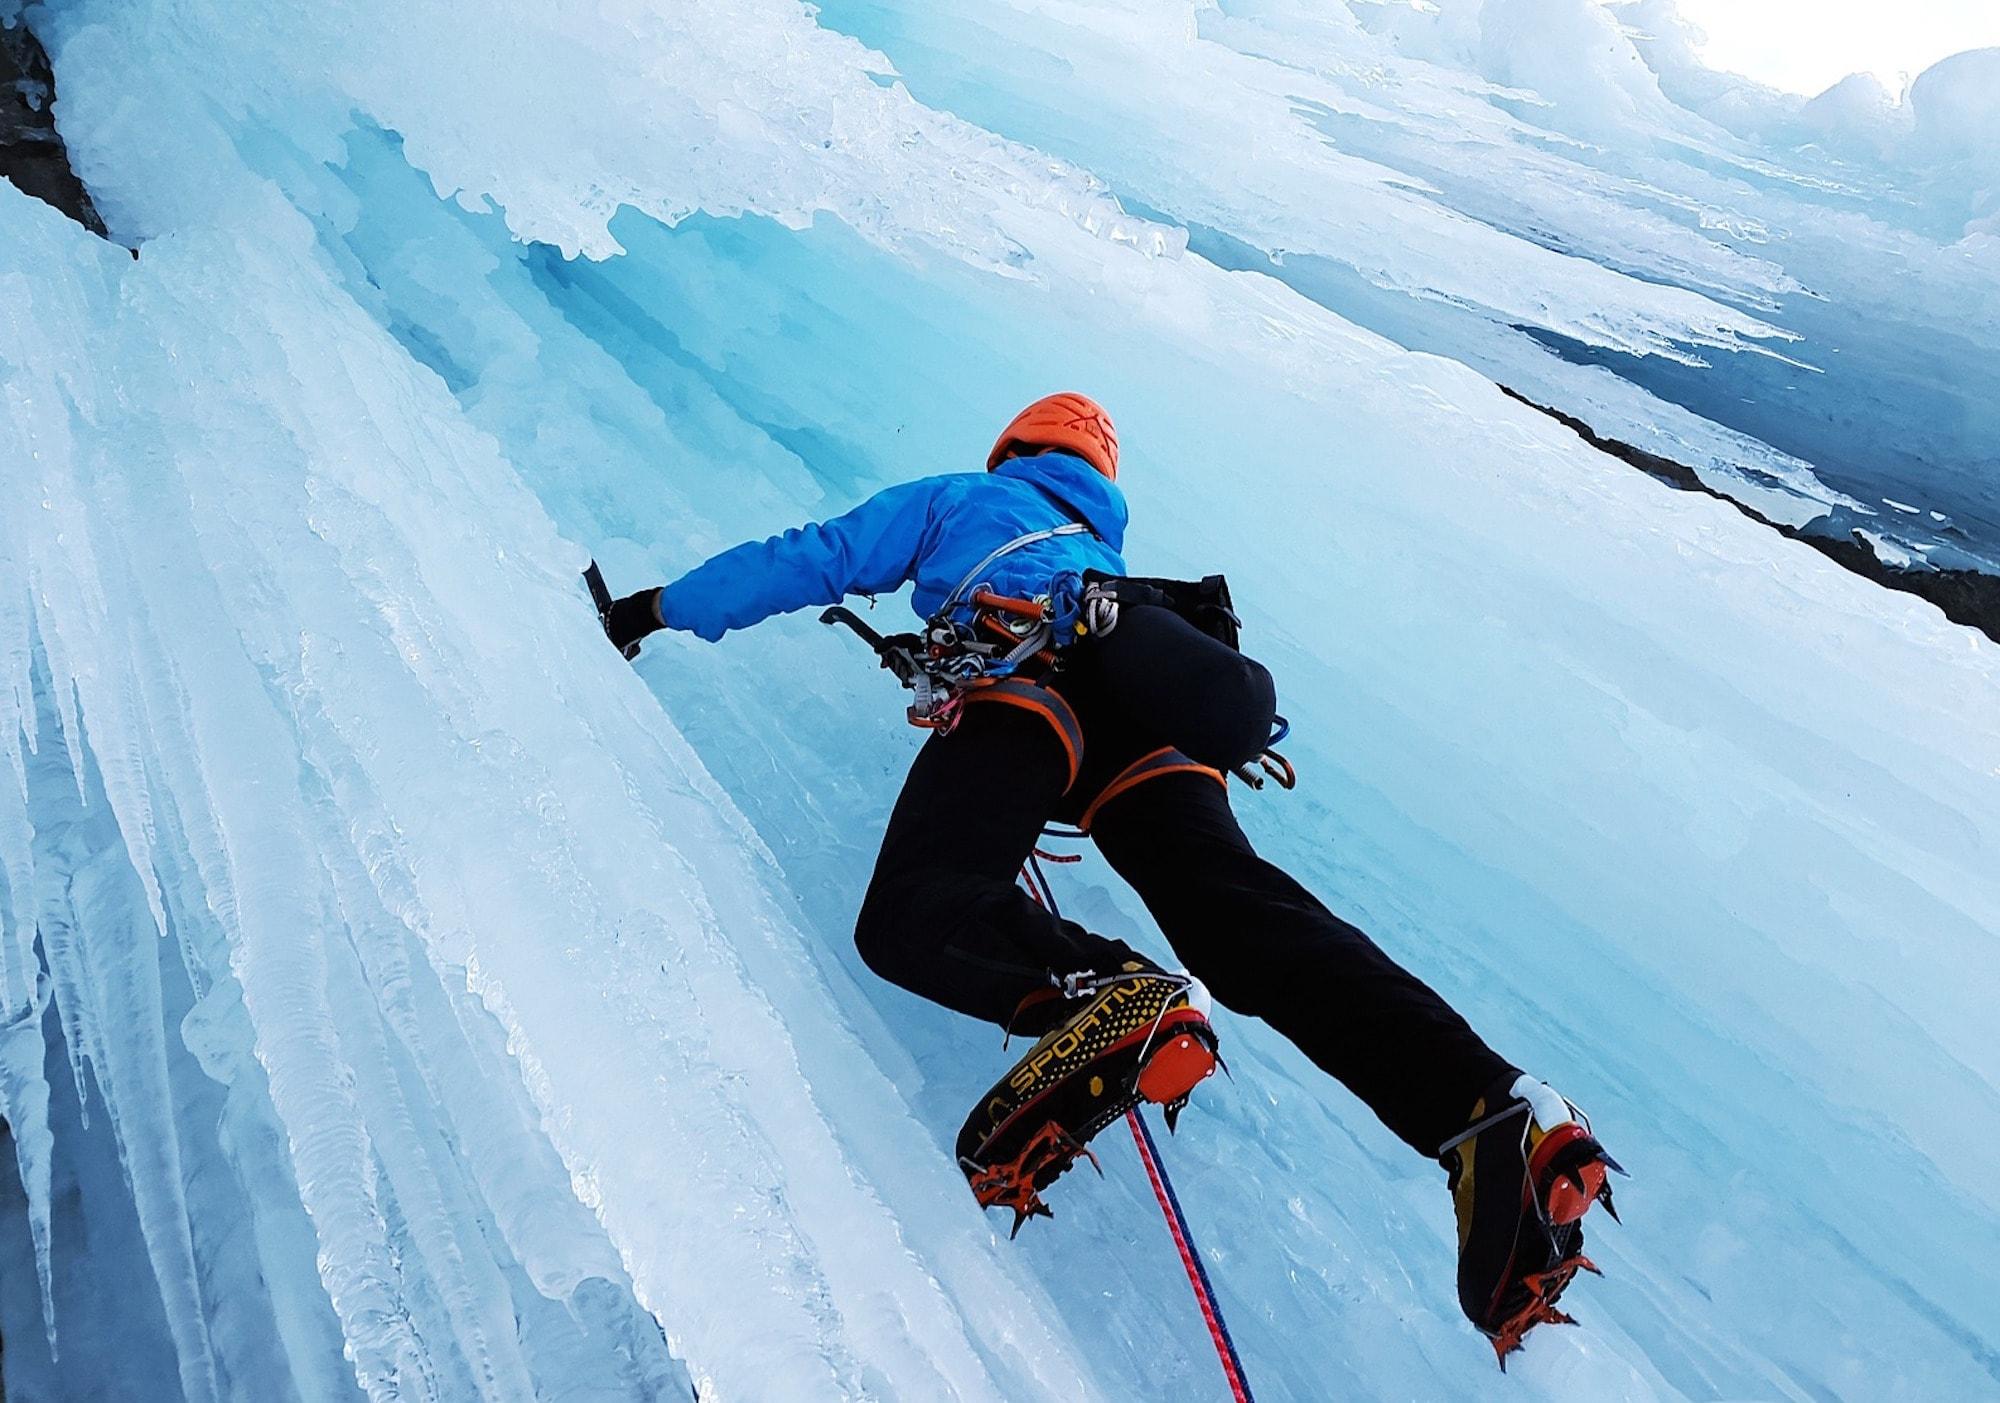 arrampicata-su-ghiaccio-5-cose-da-sapere-per-andare-in-sicurezza